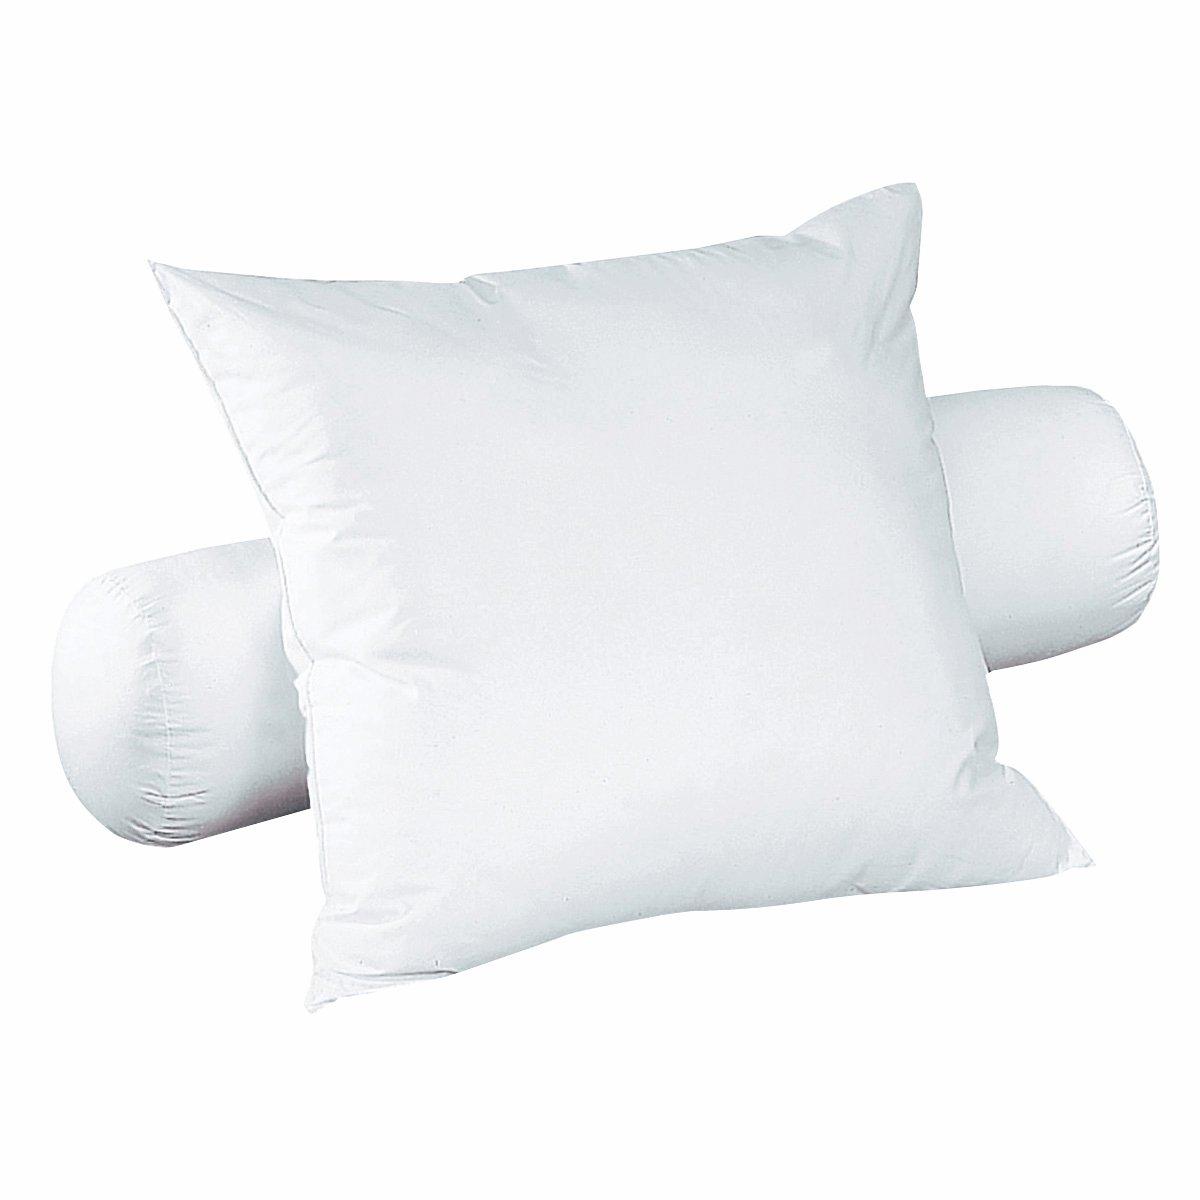 Валик из синтетикиМягкий валик наполнен волокнами полиэстера Quallofil Air DACRON®, ультратонкими и легкими (полые пышные волокна).Чехол из 100% хлопка. Стирка при 40°.<br><br>Цвет: белый